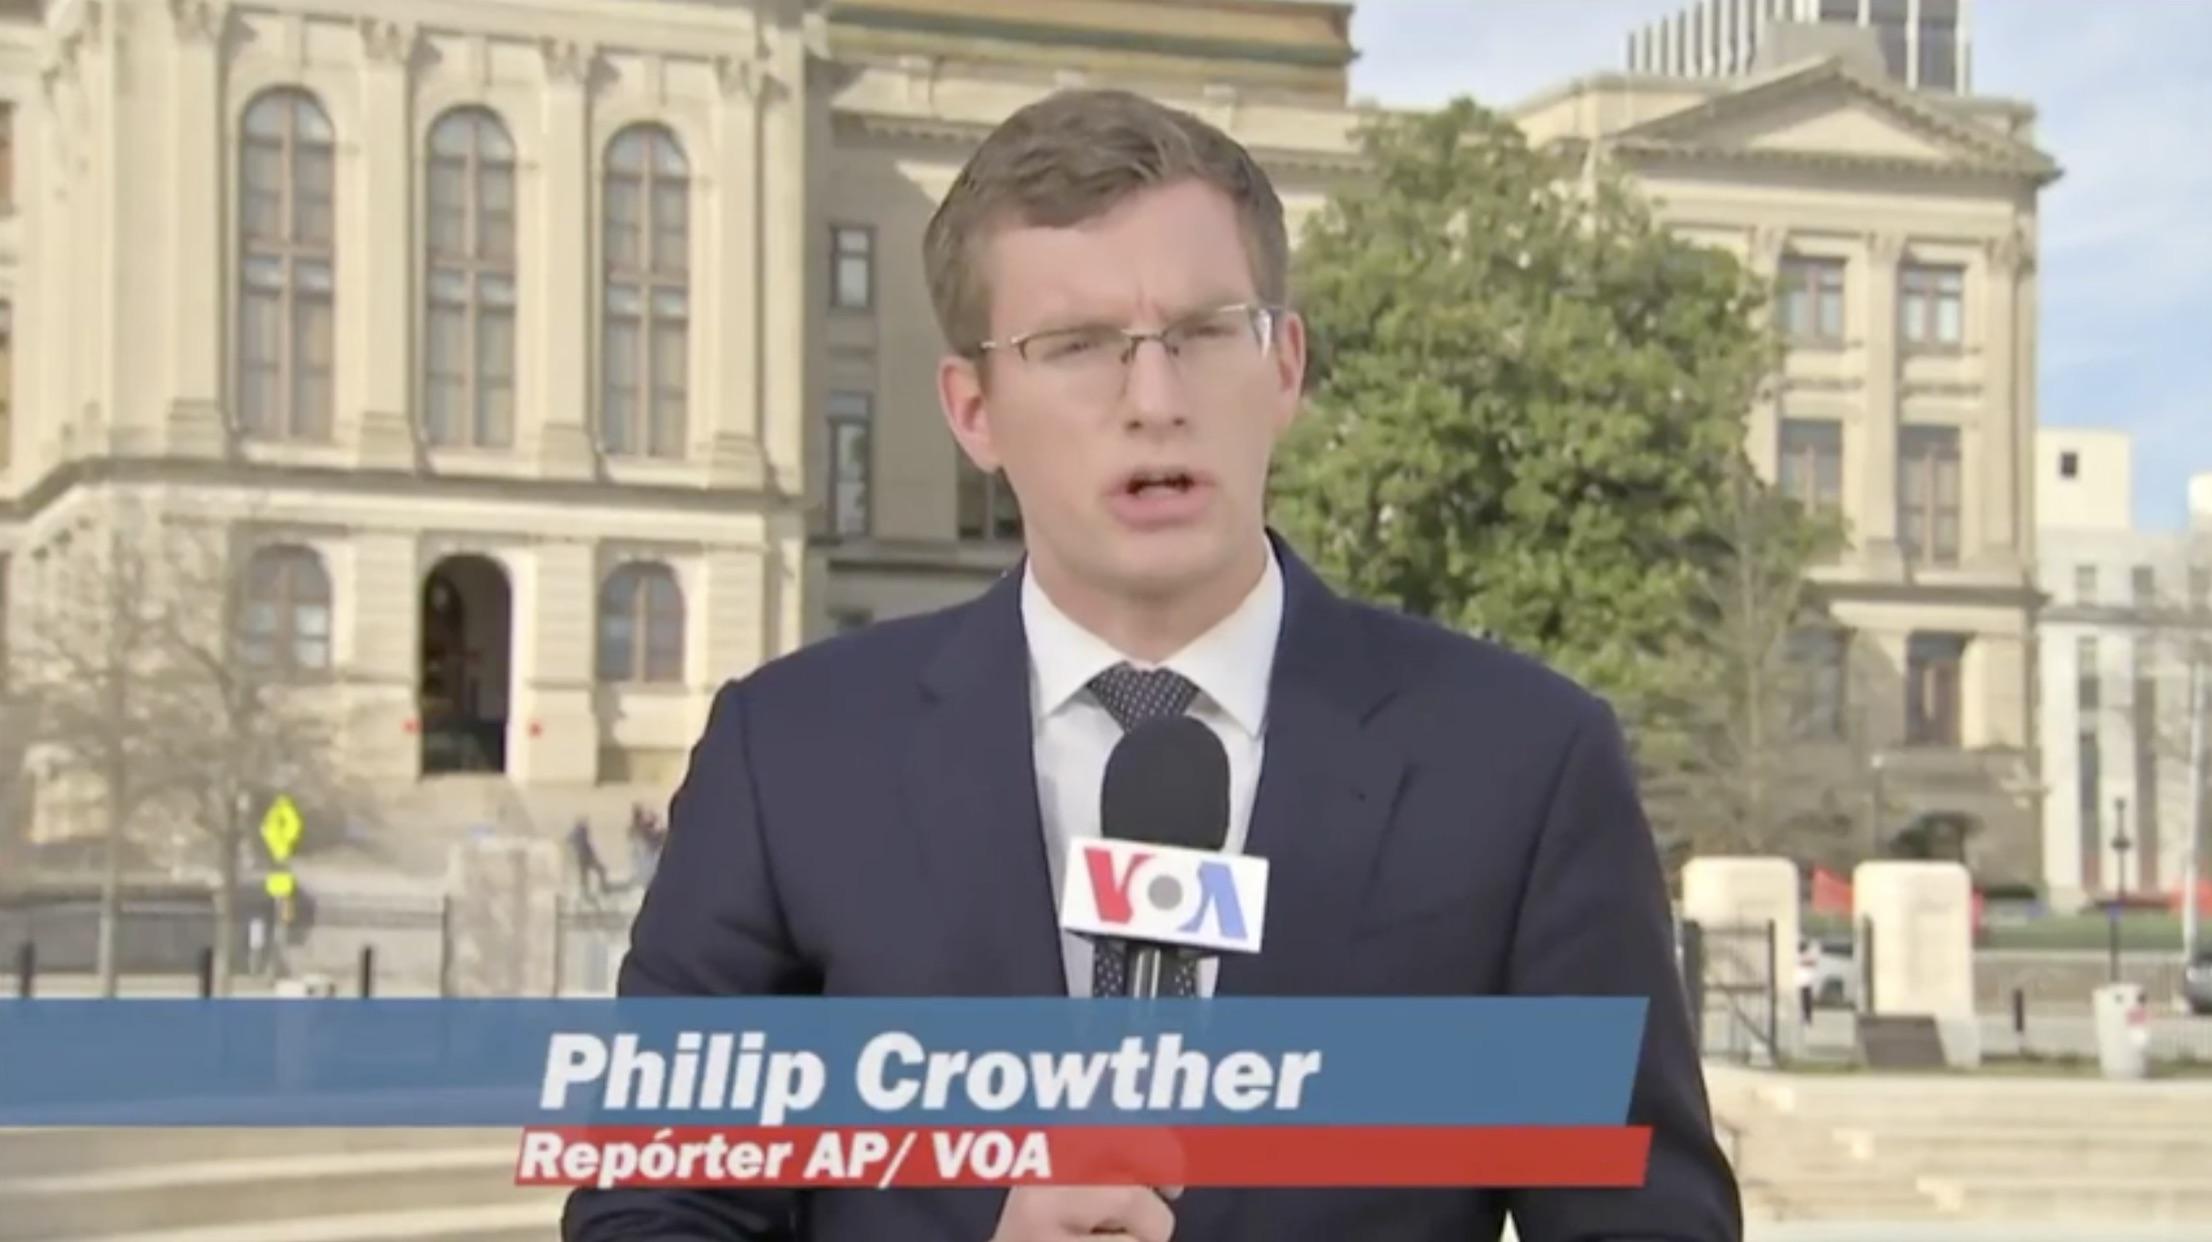 Polyglot journalist Philip Crowther